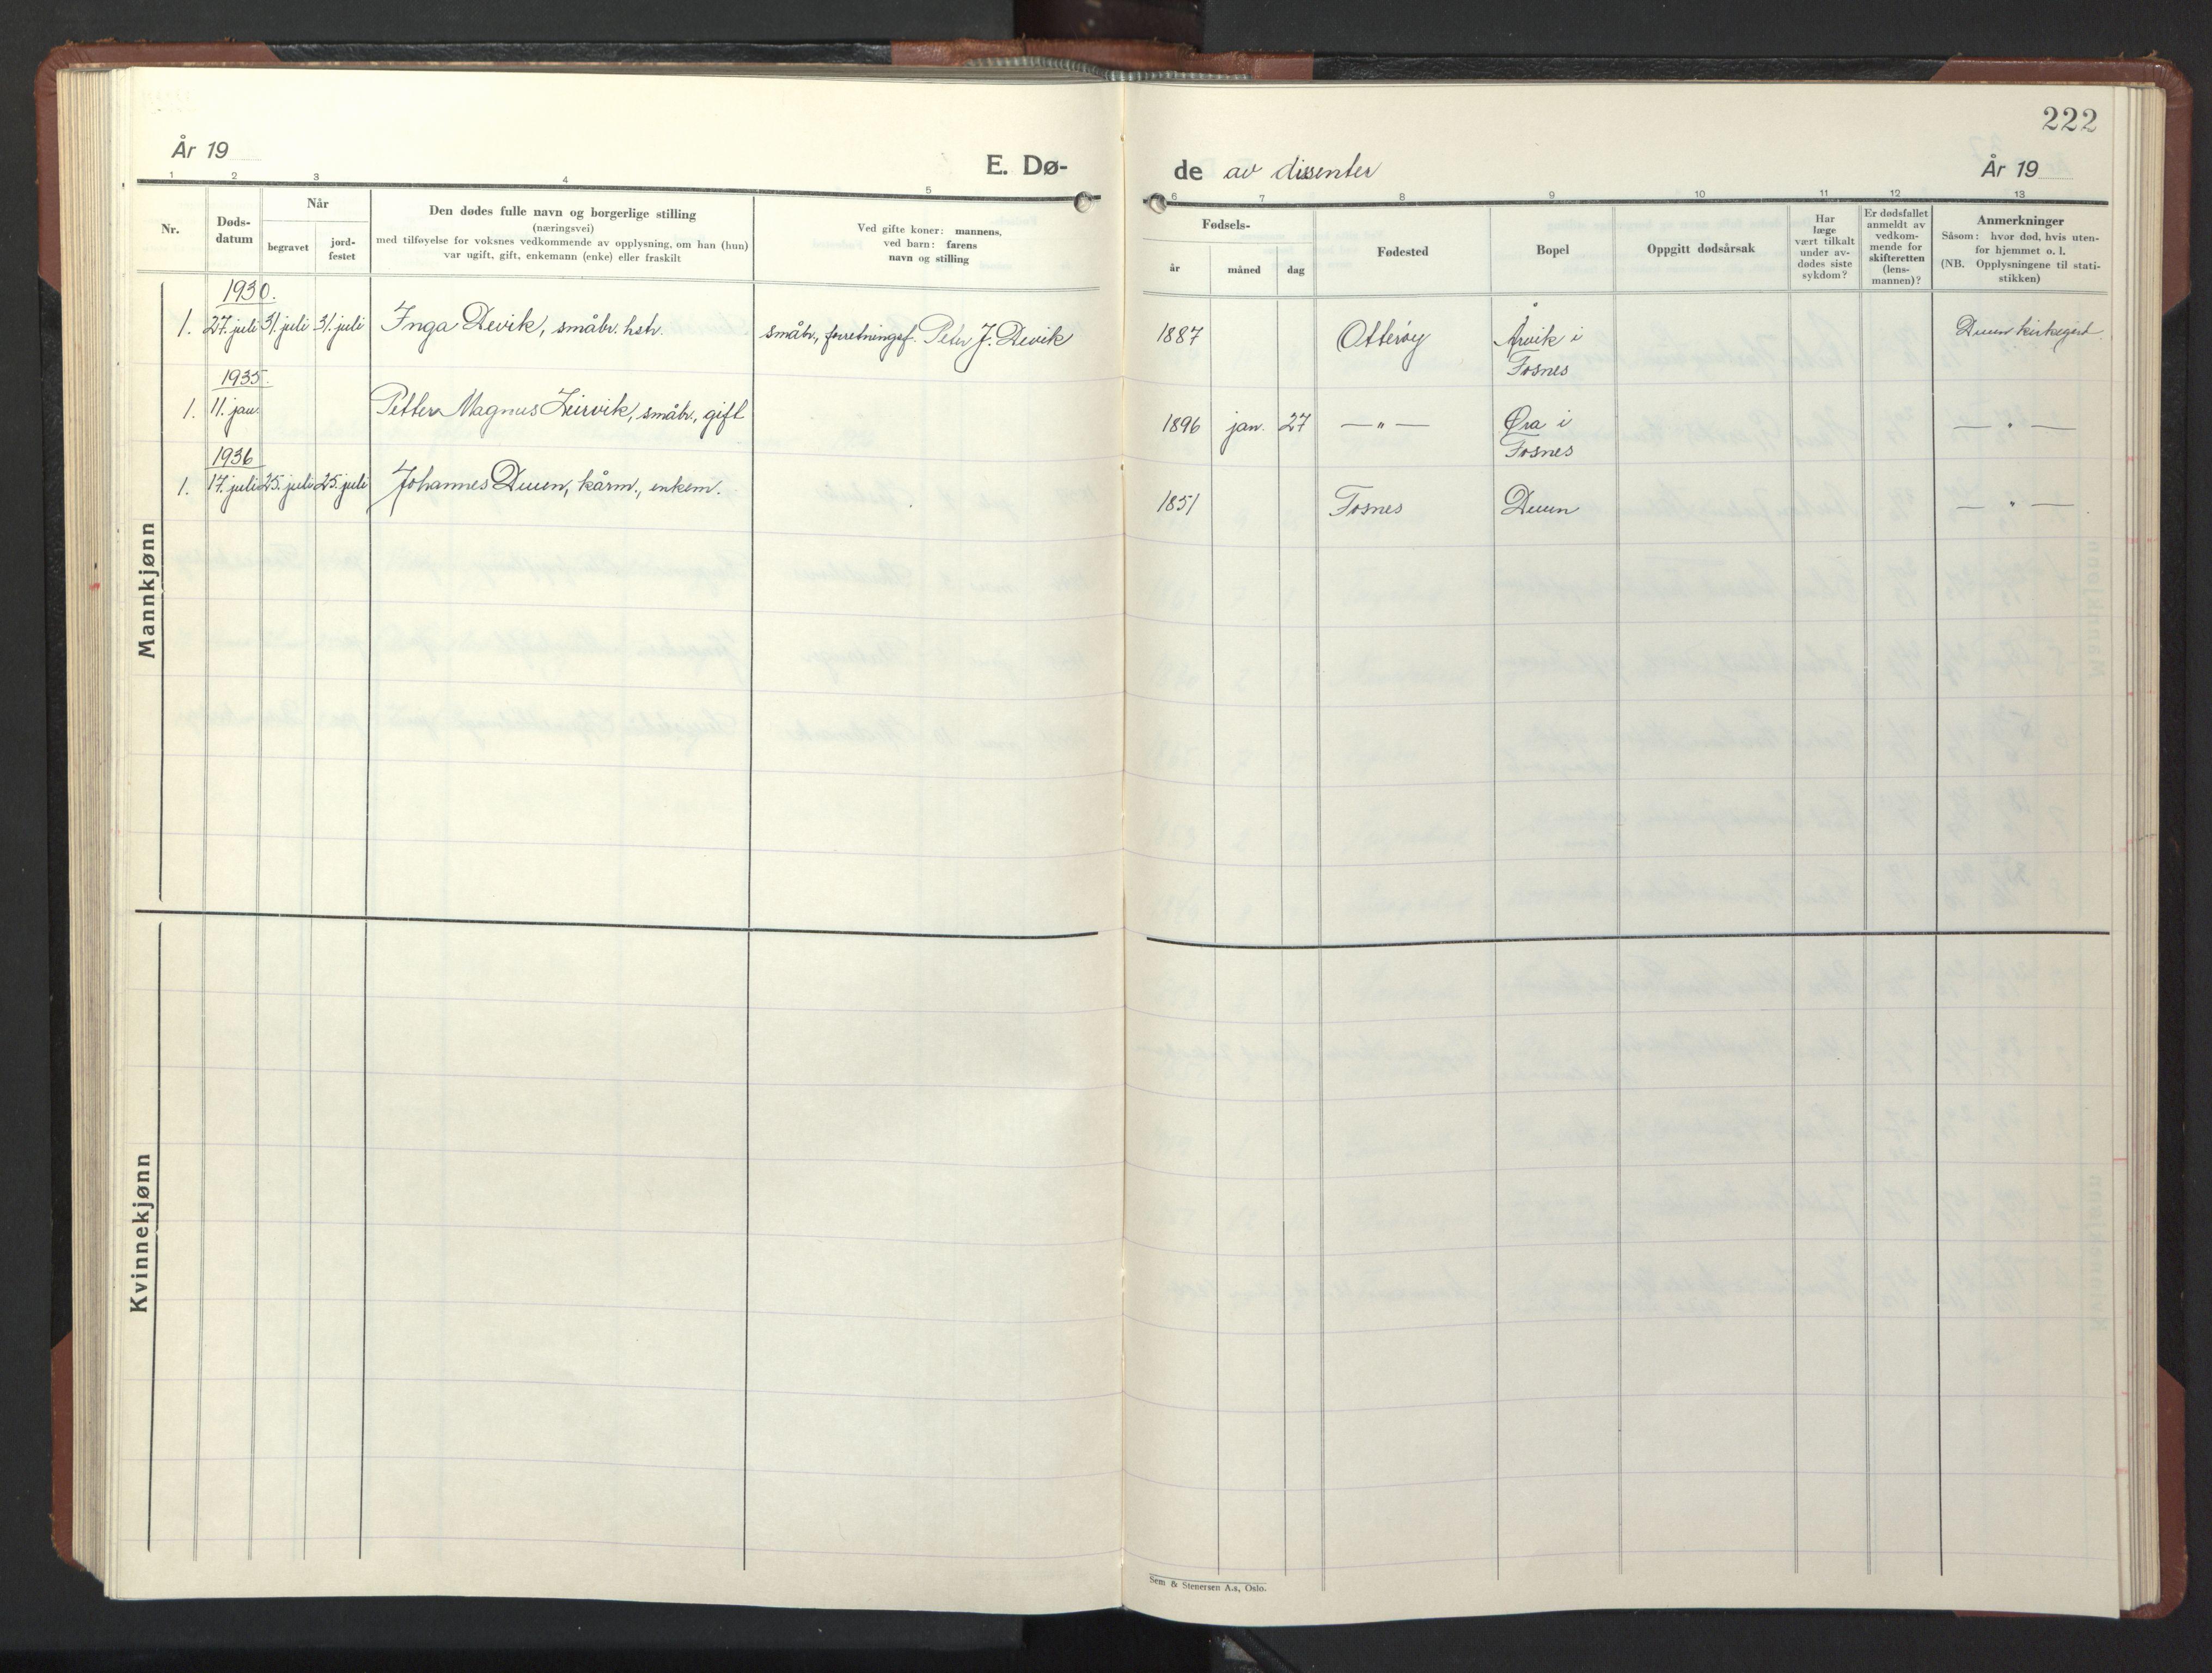 SAT, Ministerialprotokoller, klokkerbøker og fødselsregistre - Nord-Trøndelag, 773/L0625: Klokkerbok nr. 773C01, 1910-1952, s. 222